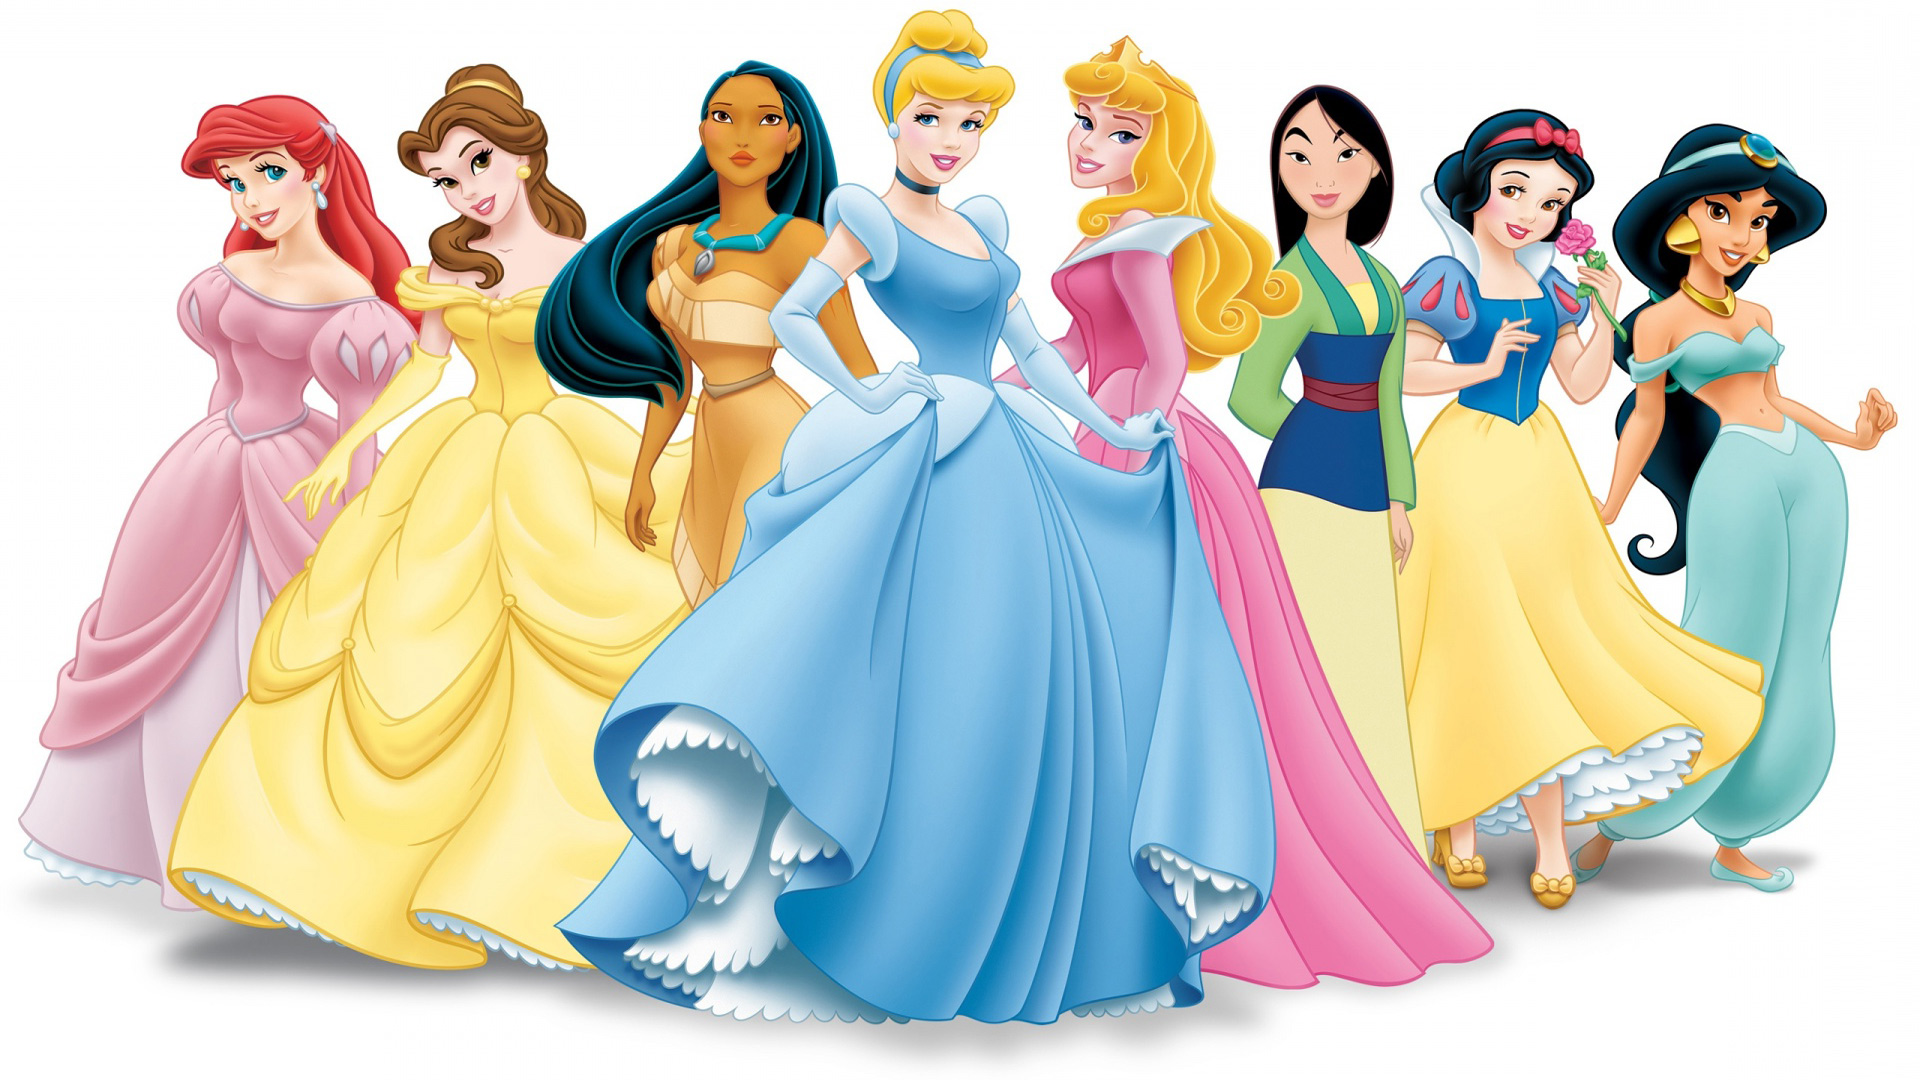 """Предпросмотр схемы вышивки  """"принцессы """". принцессы, принцесса, дисней, мультфильм, шрек, детский, предпросмотр."""